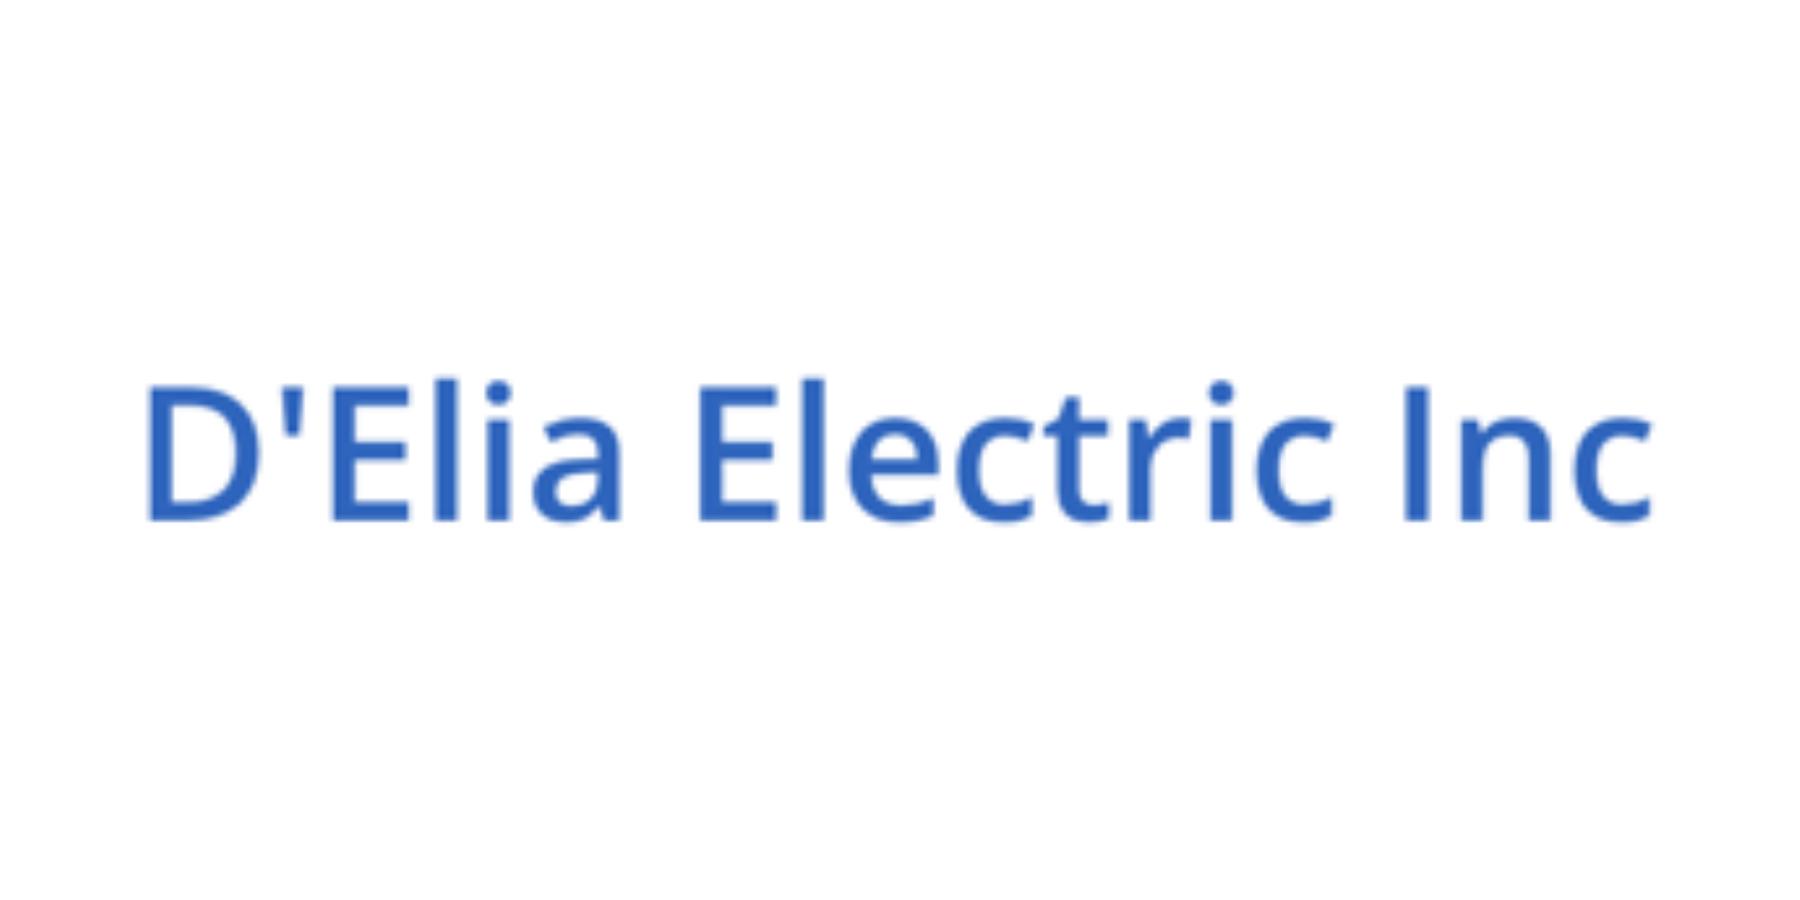 Delia Electric